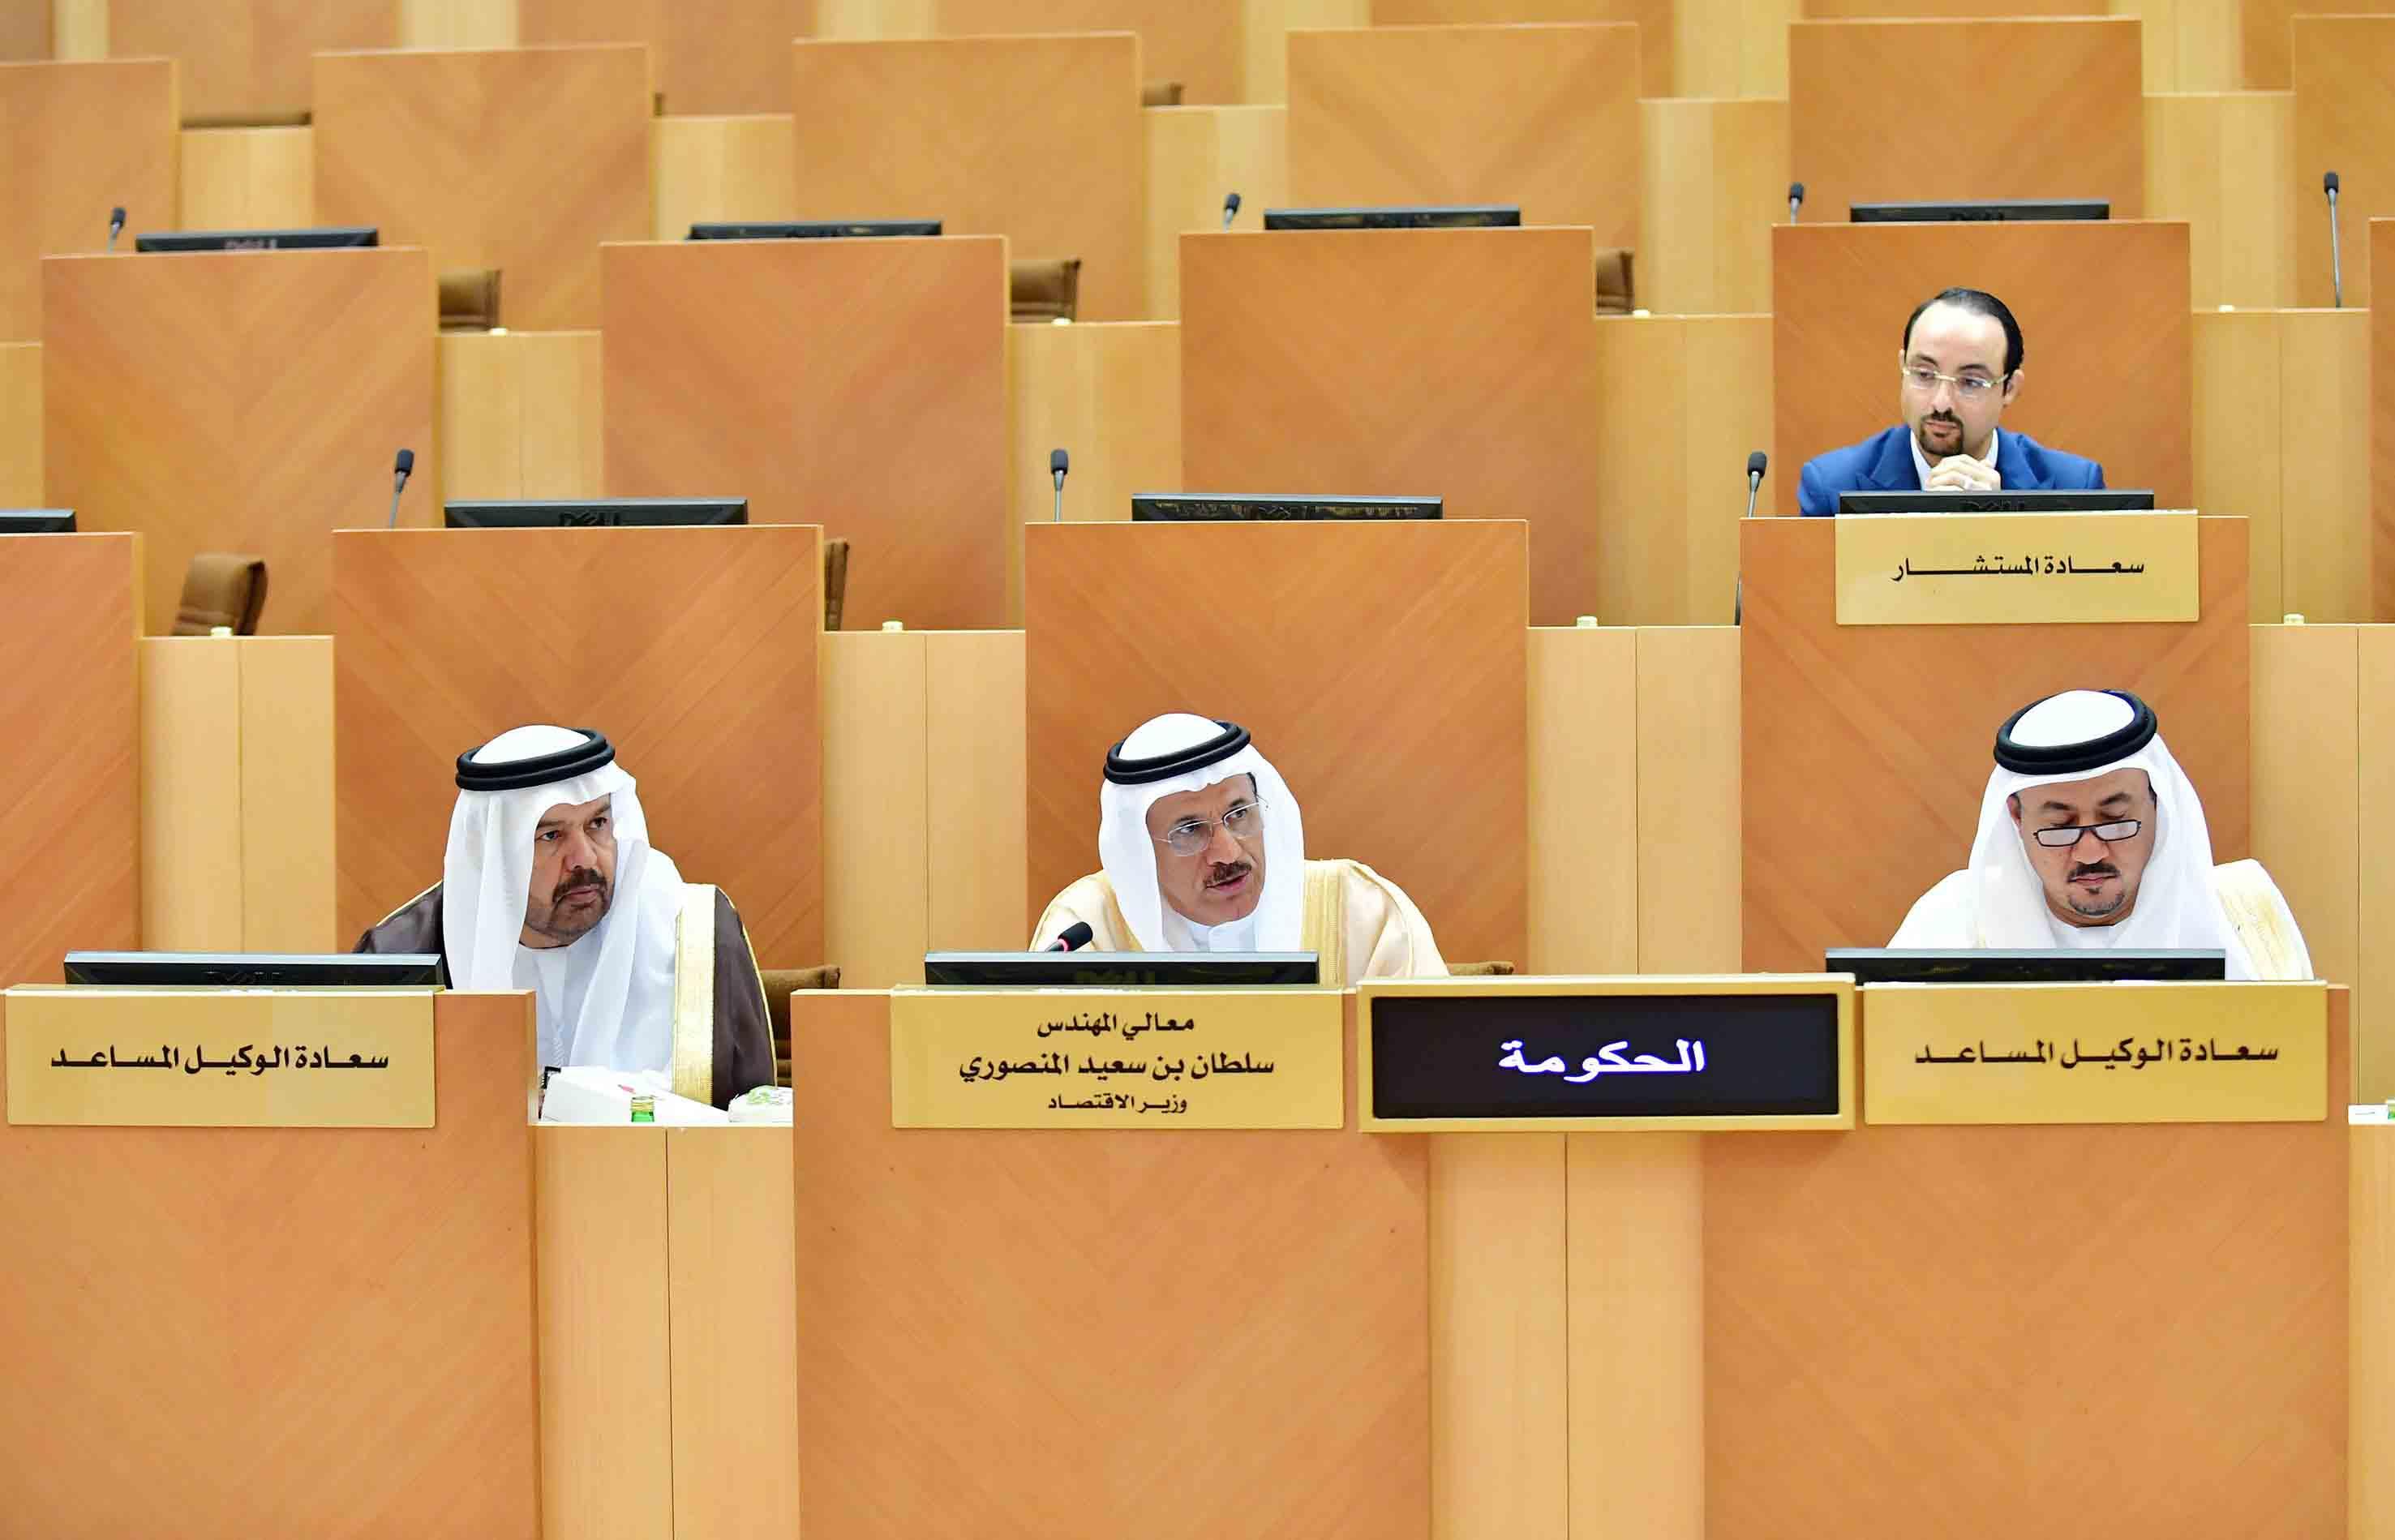 المجلس الوطني الاتحادي يقر مشروع قانون اتحادي بشأن التحكيم. 3